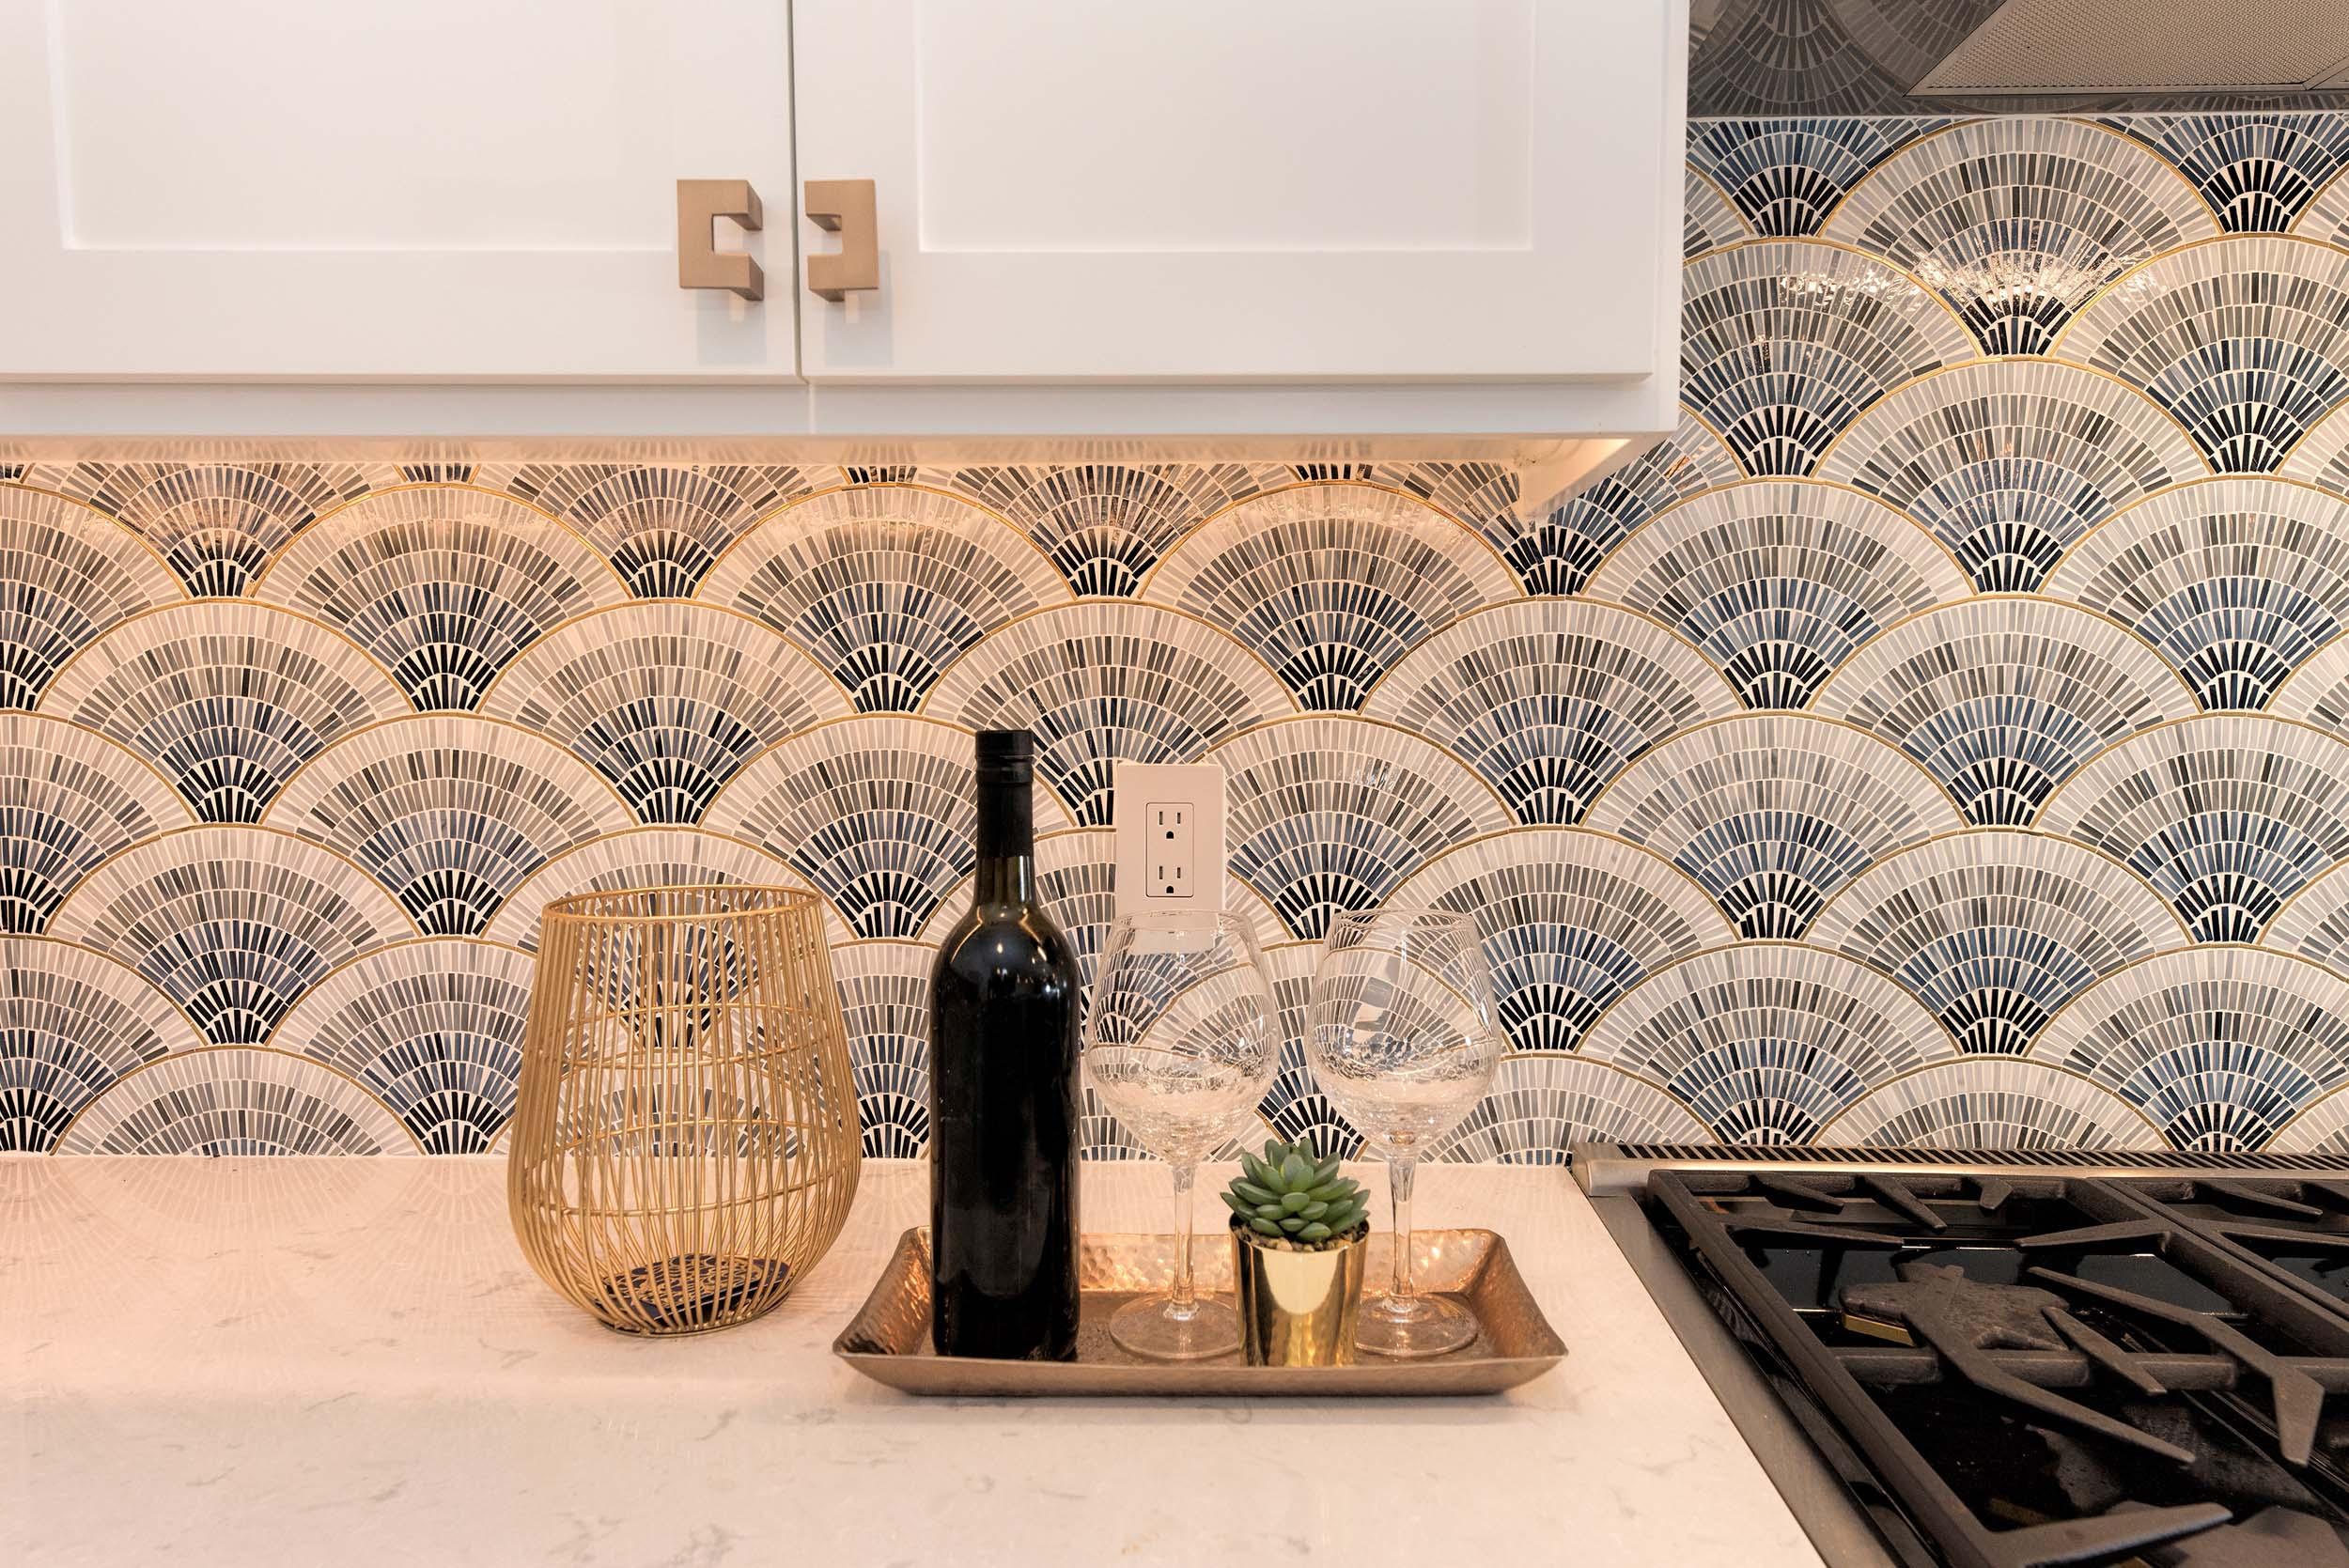 Kitchen interior with granite countertop, wine and wine glasses